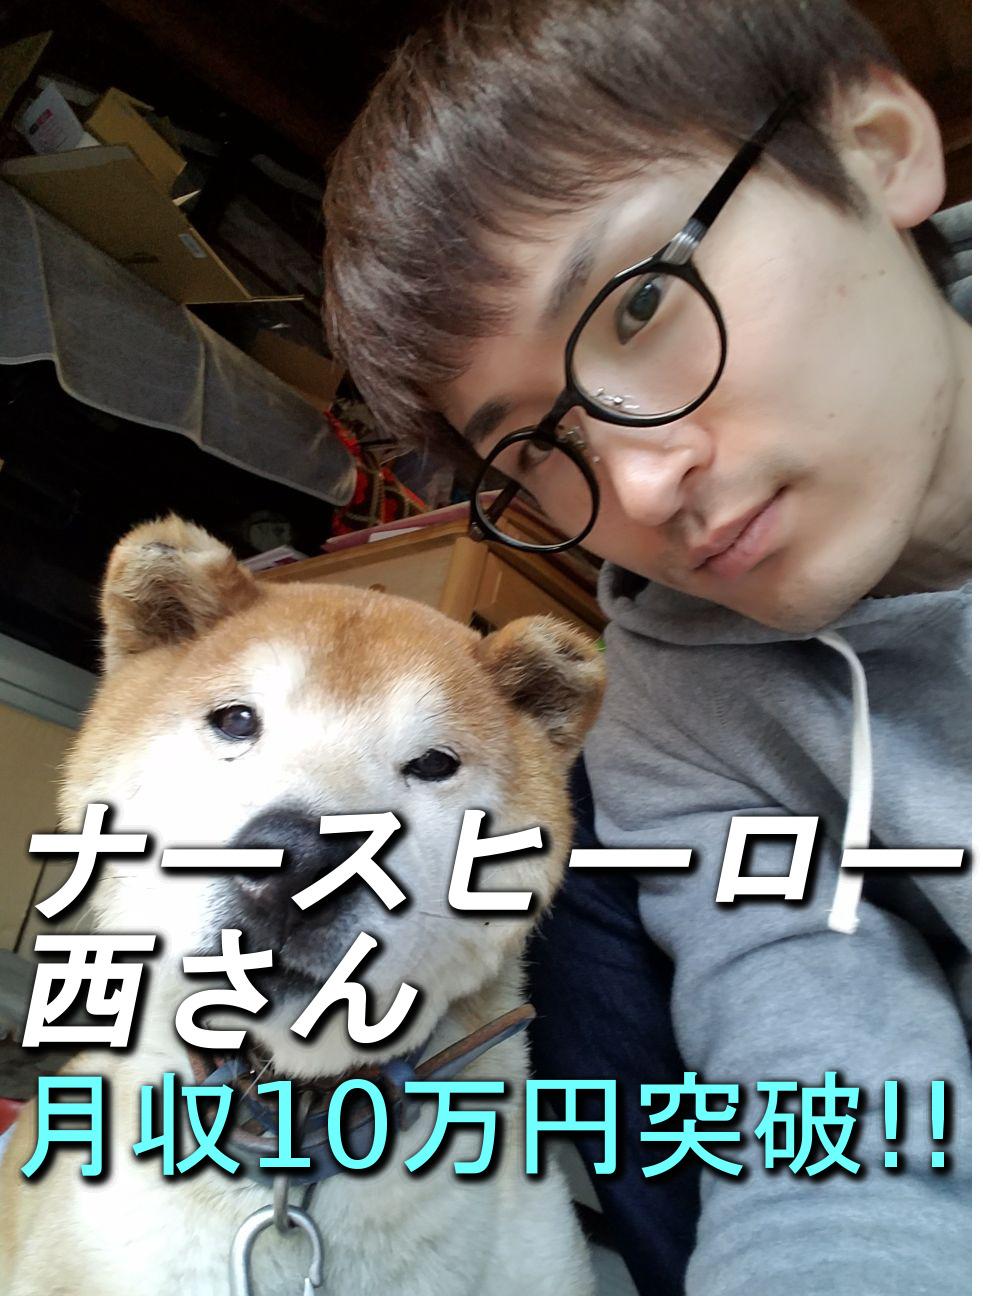 コンサル生の西さんが月収10万円を突破されました